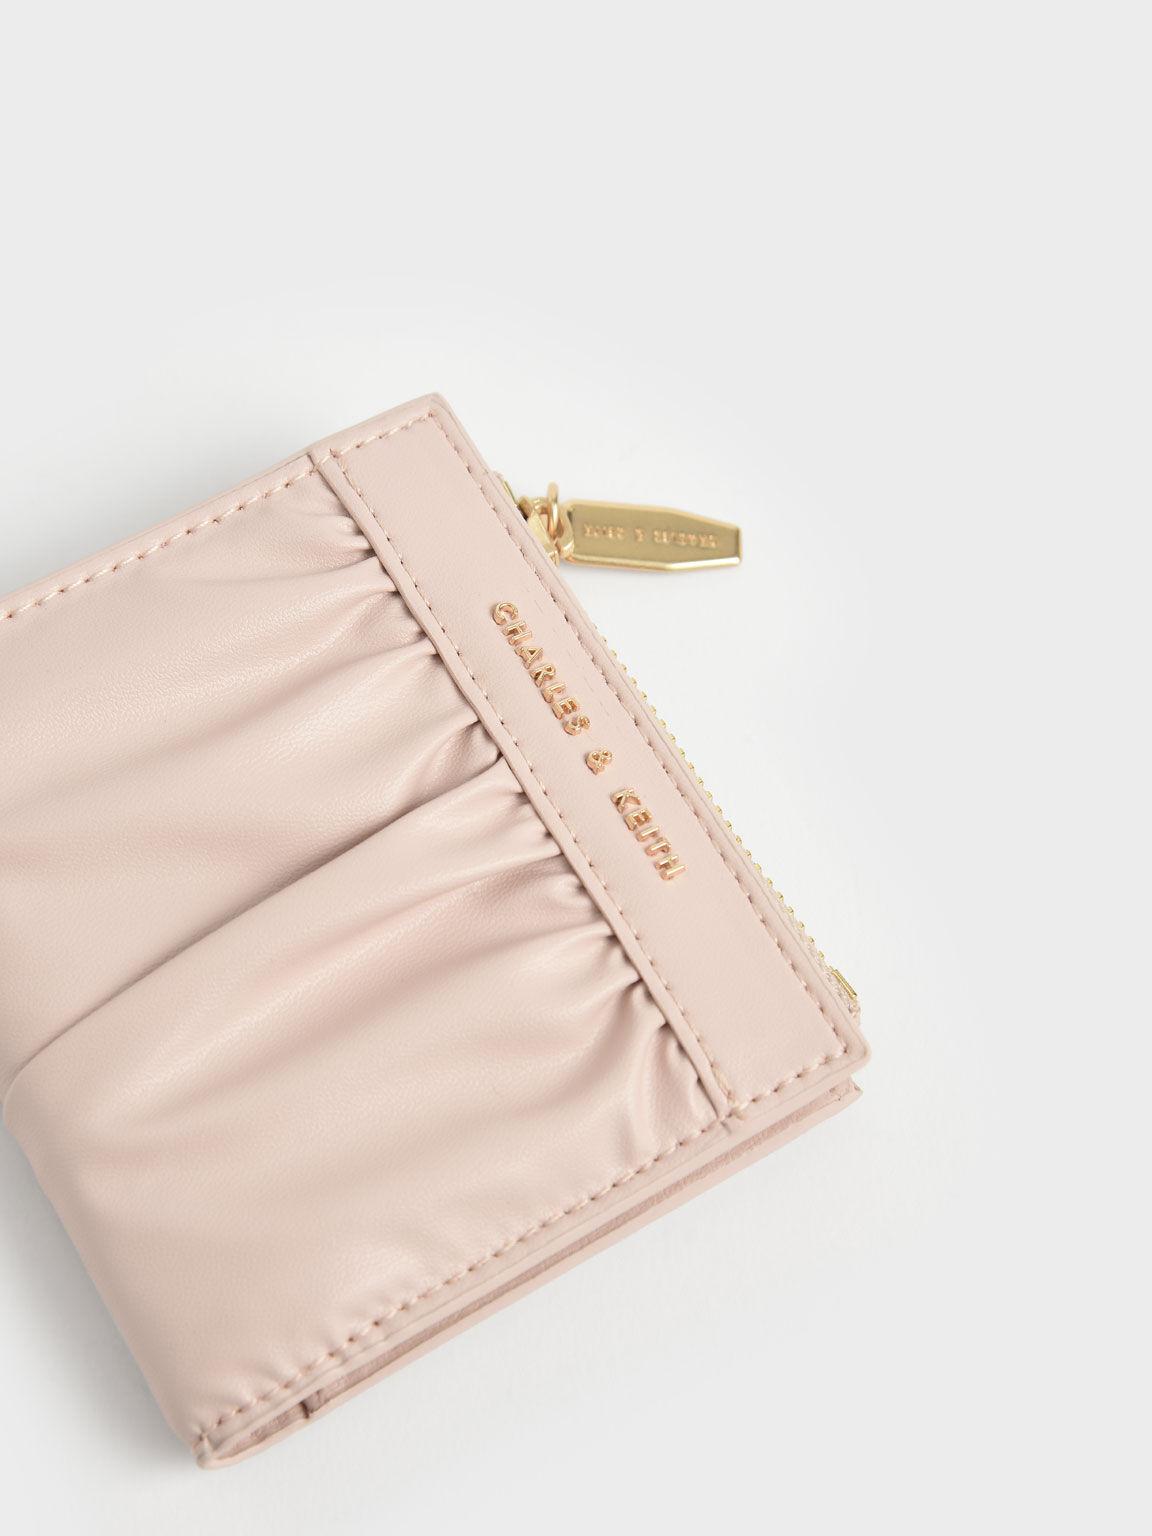 Ruched Short Wallet, Light Pink, hi-res